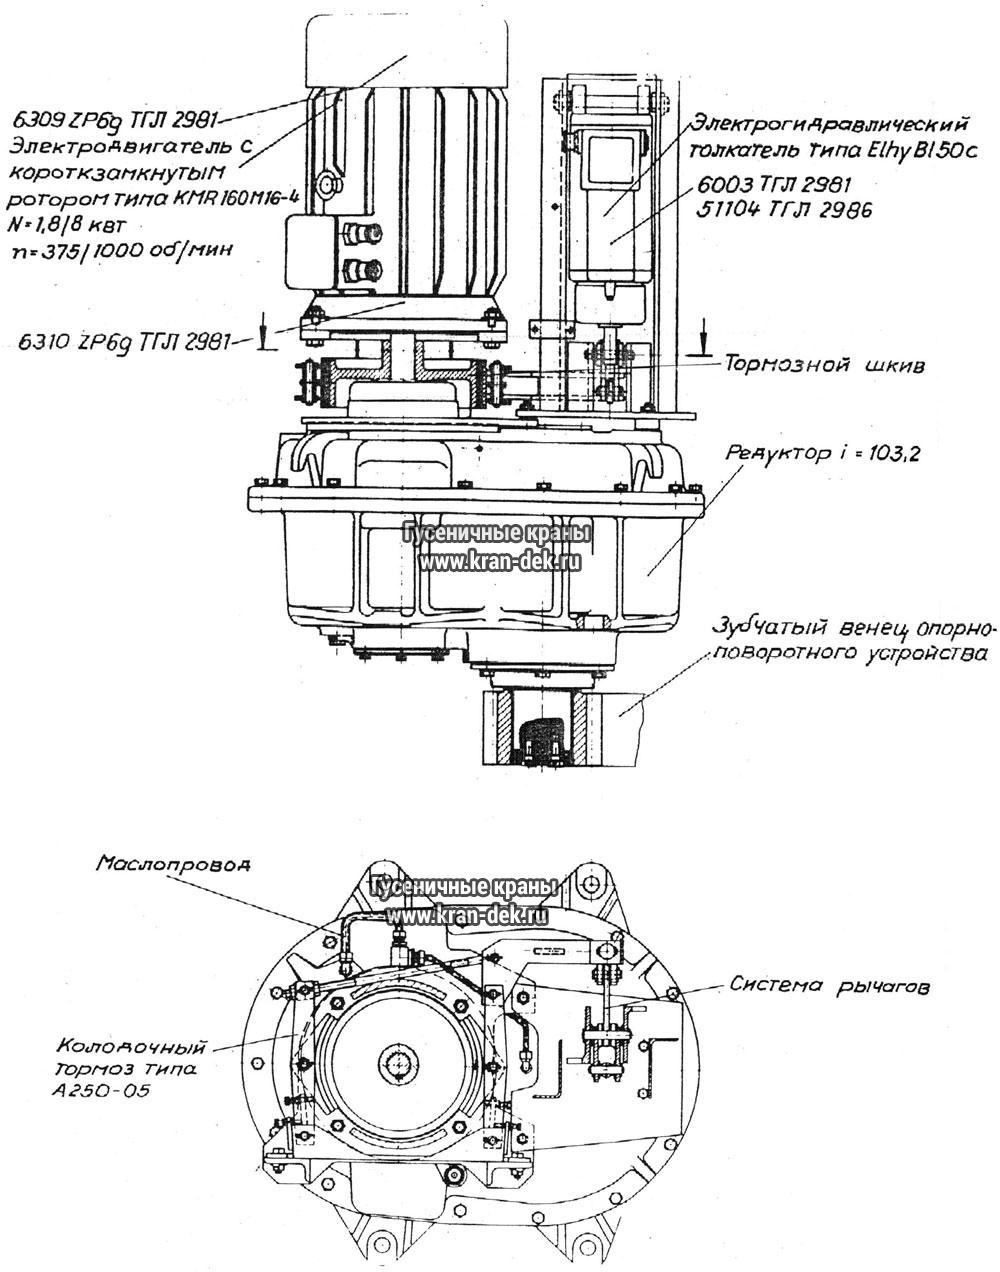 Кран рдк 250 схема электрическая фото 490